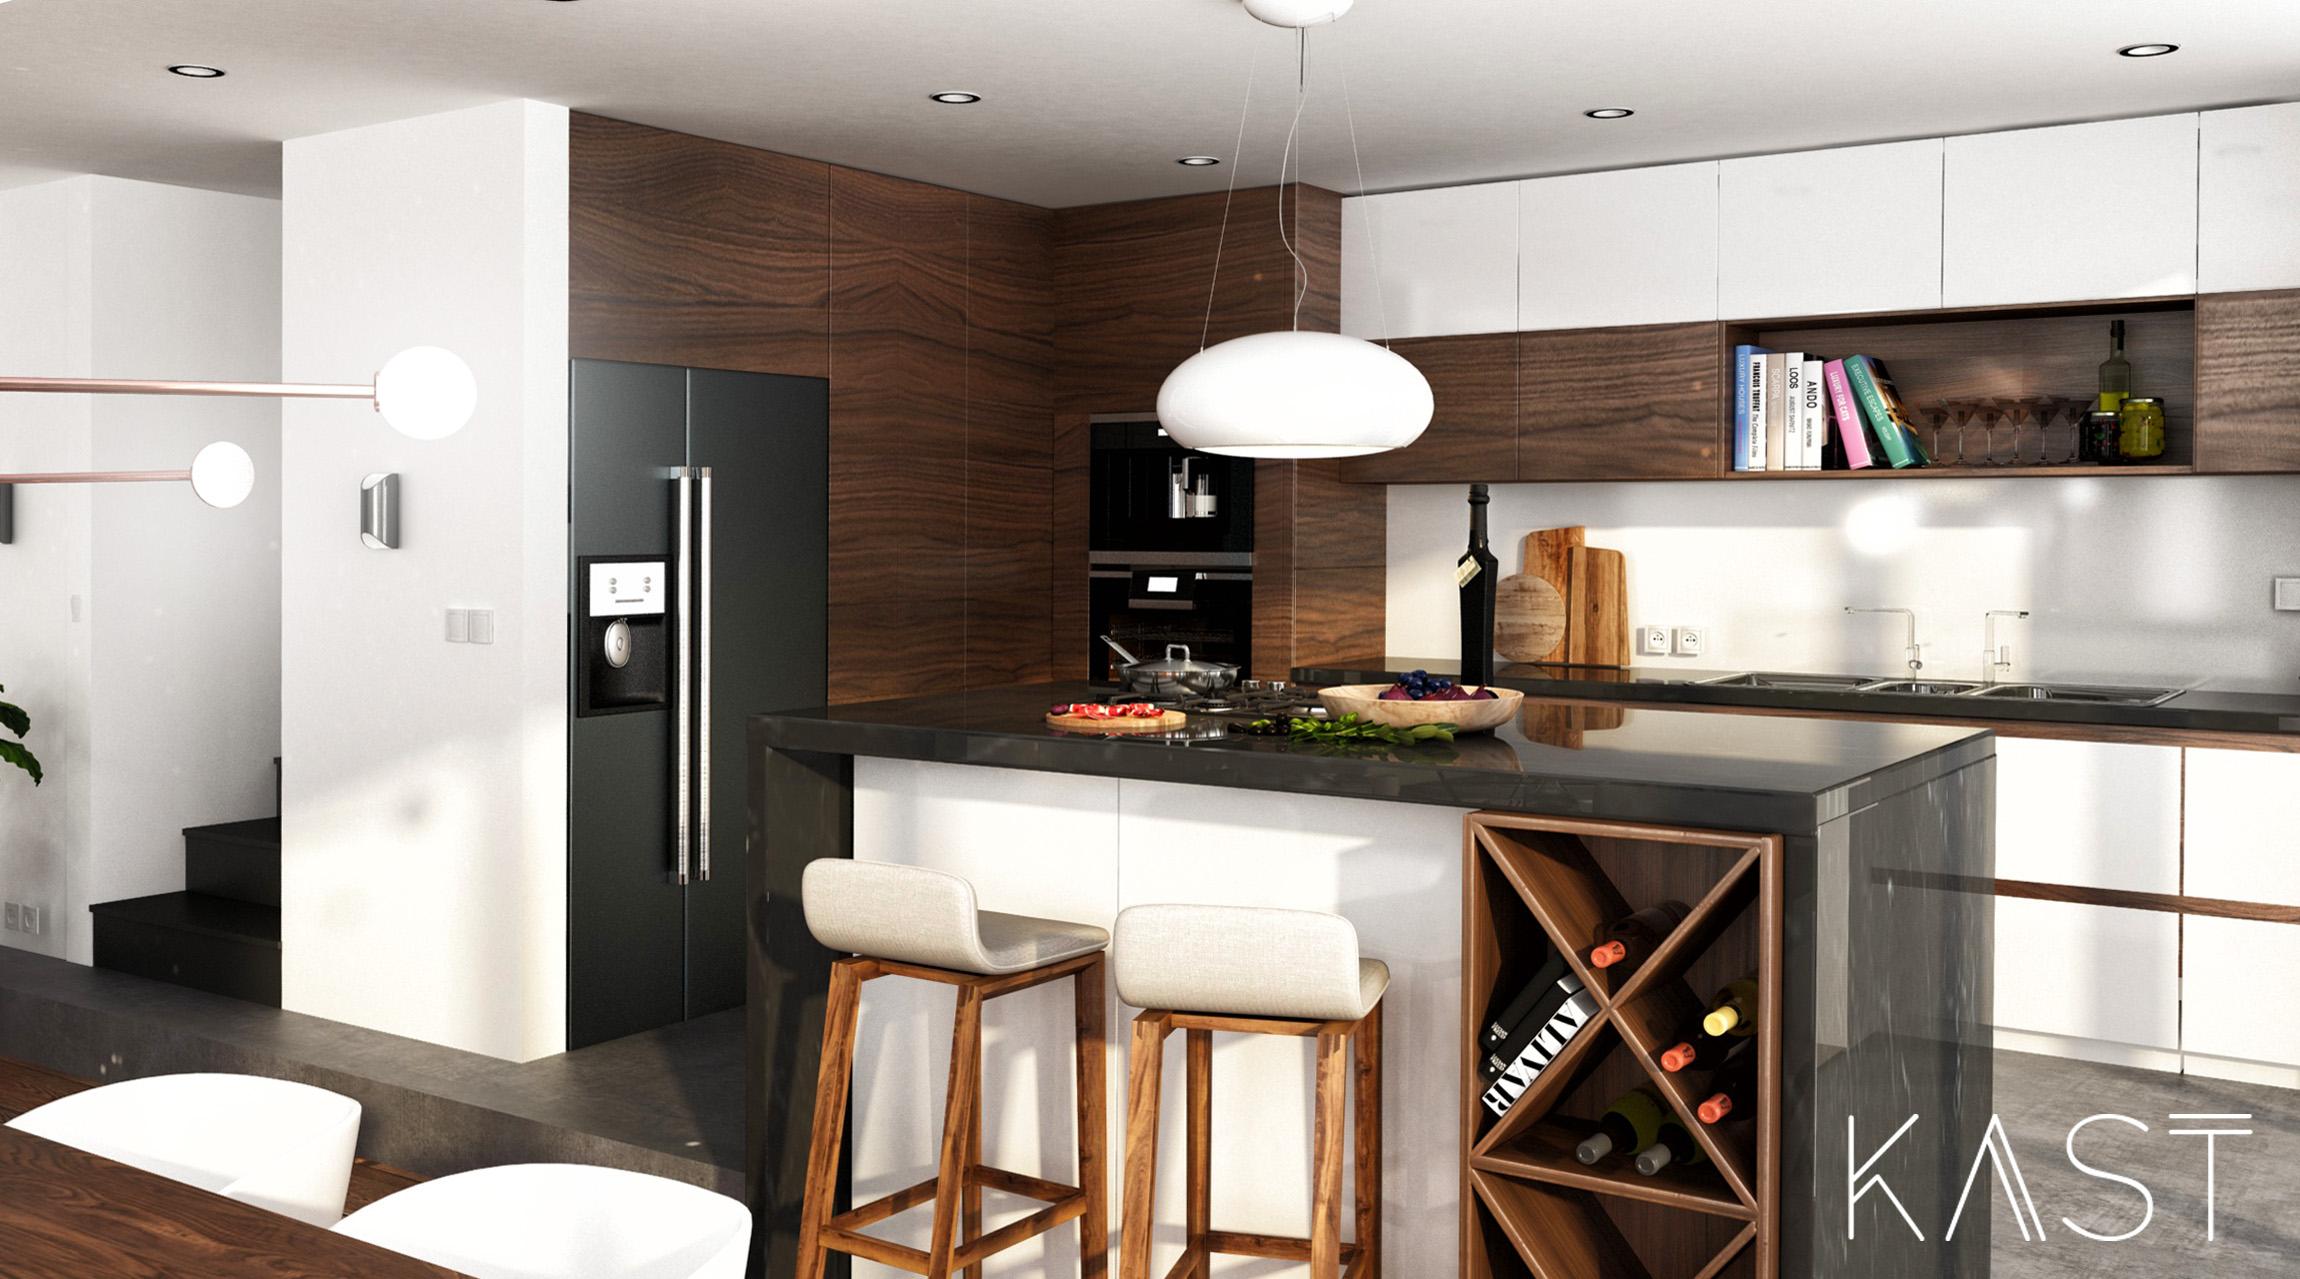 Maison bois b ton meudon kast design for Maison bois design